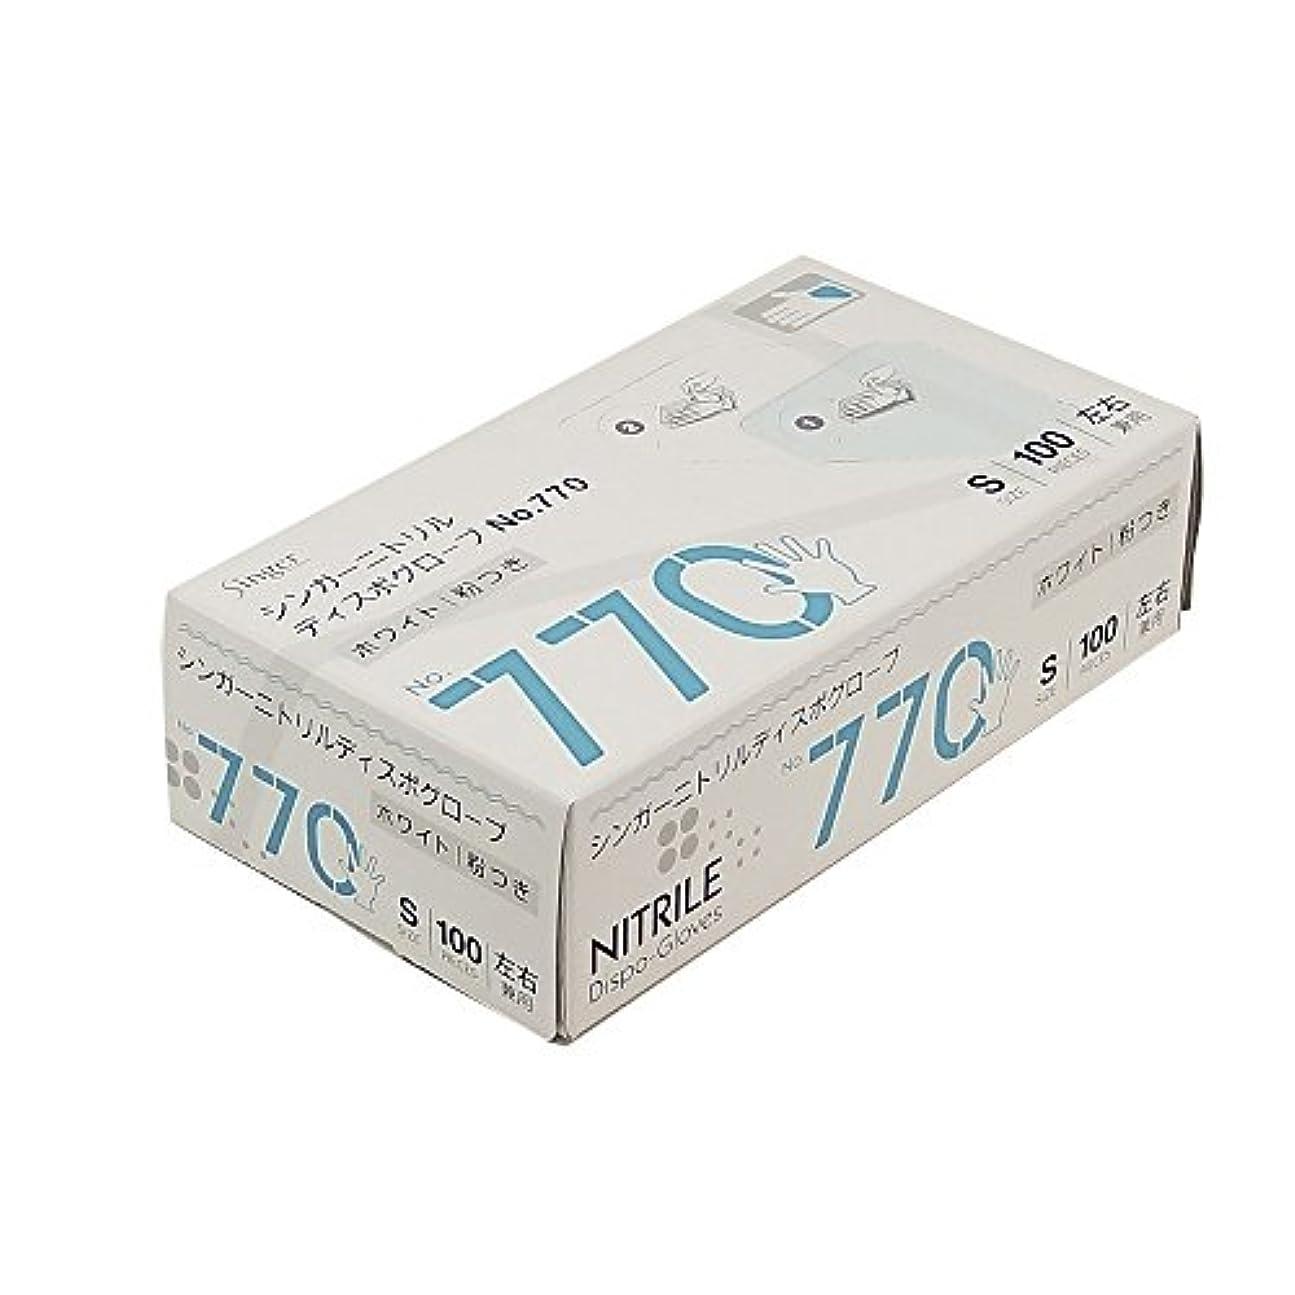 おそらく十ペニー宇都宮製作 ディスポ手袋 シンガーニトリルディスポグローブ No.770 ホワイト 粉付 100枚入  S